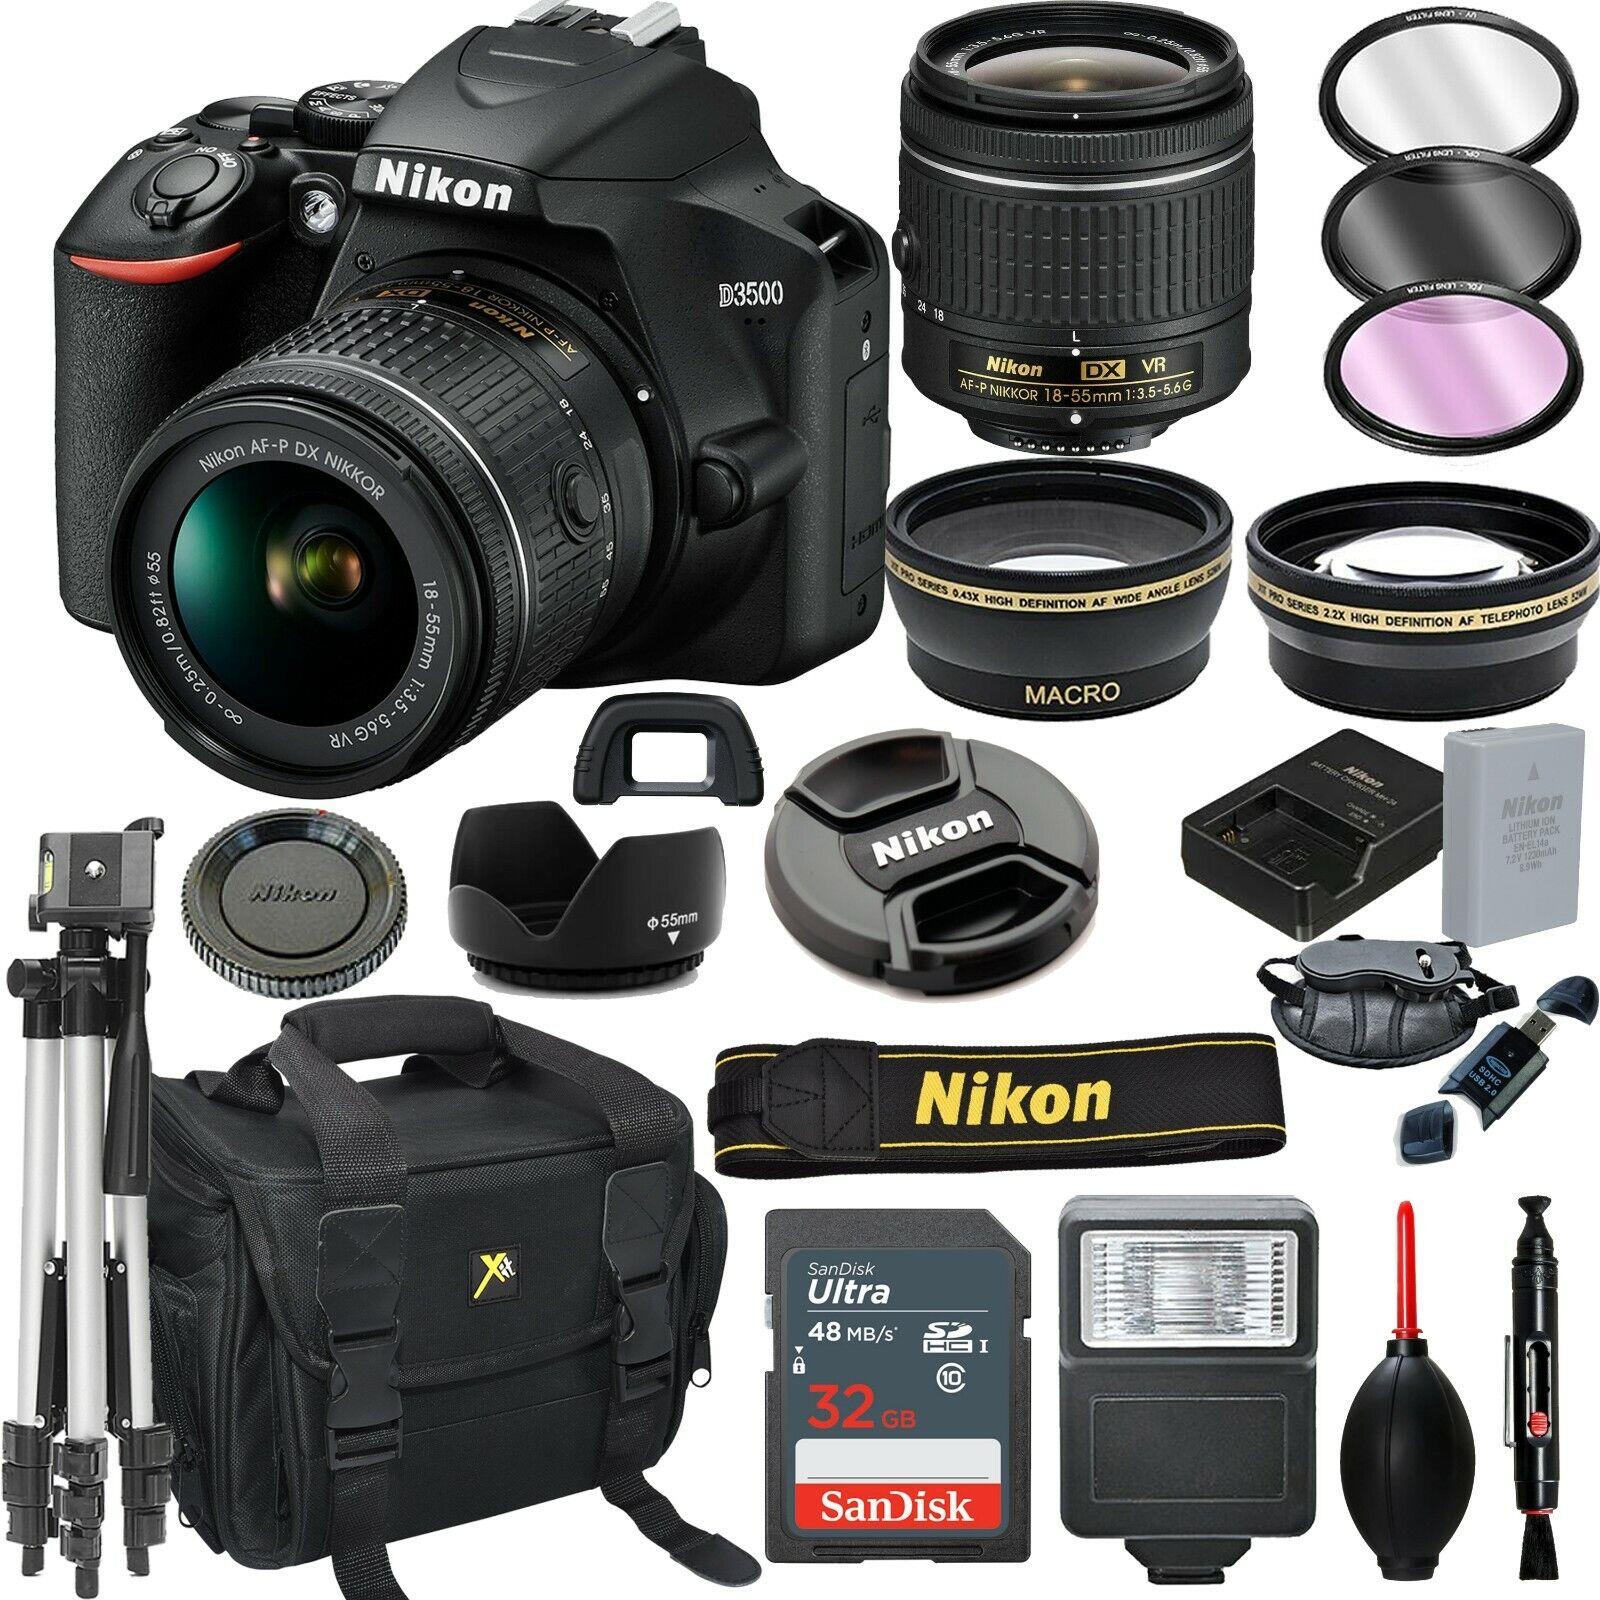 Nikon D3500 Digital SLR Camera Black + 18-55mm VR Lens + 32G